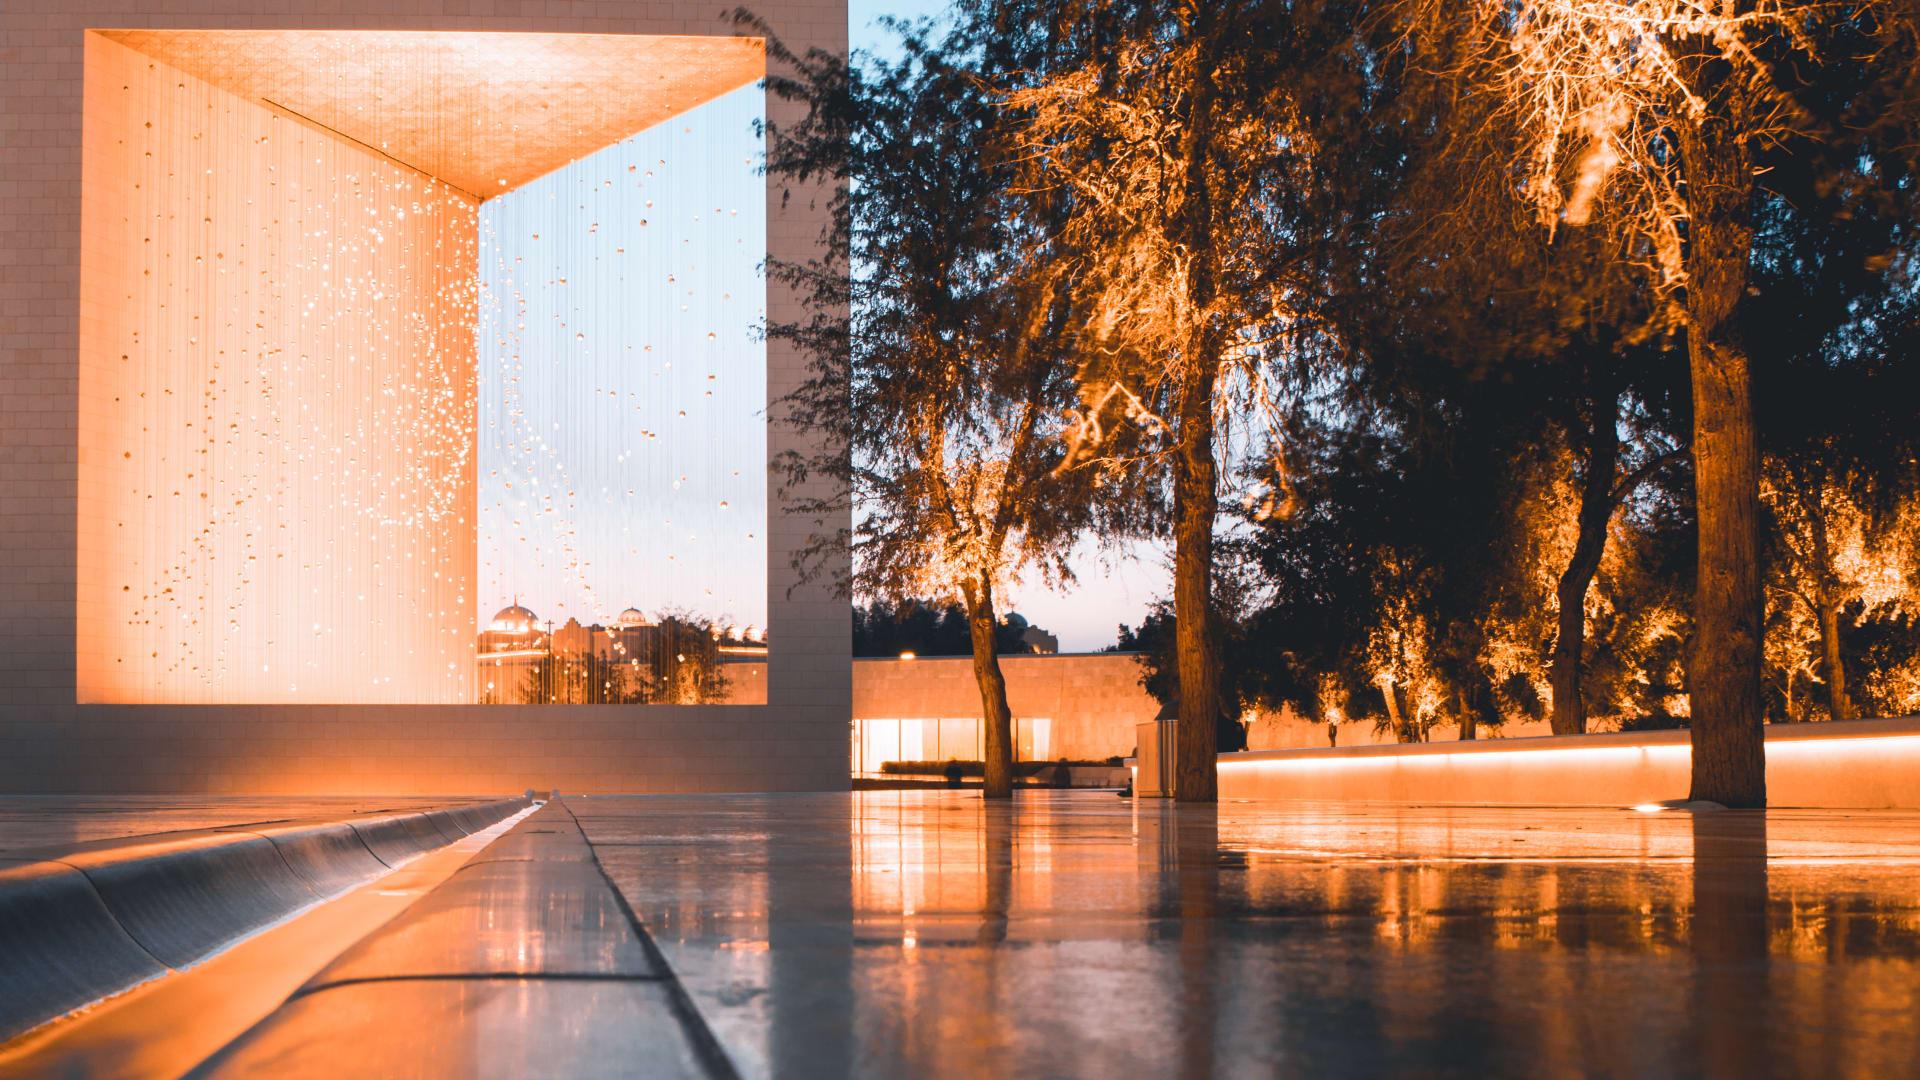 المصور الأردني أحمد عبيدات في قرية التراث في أبوظبي - الإمارات العربية المتحدة